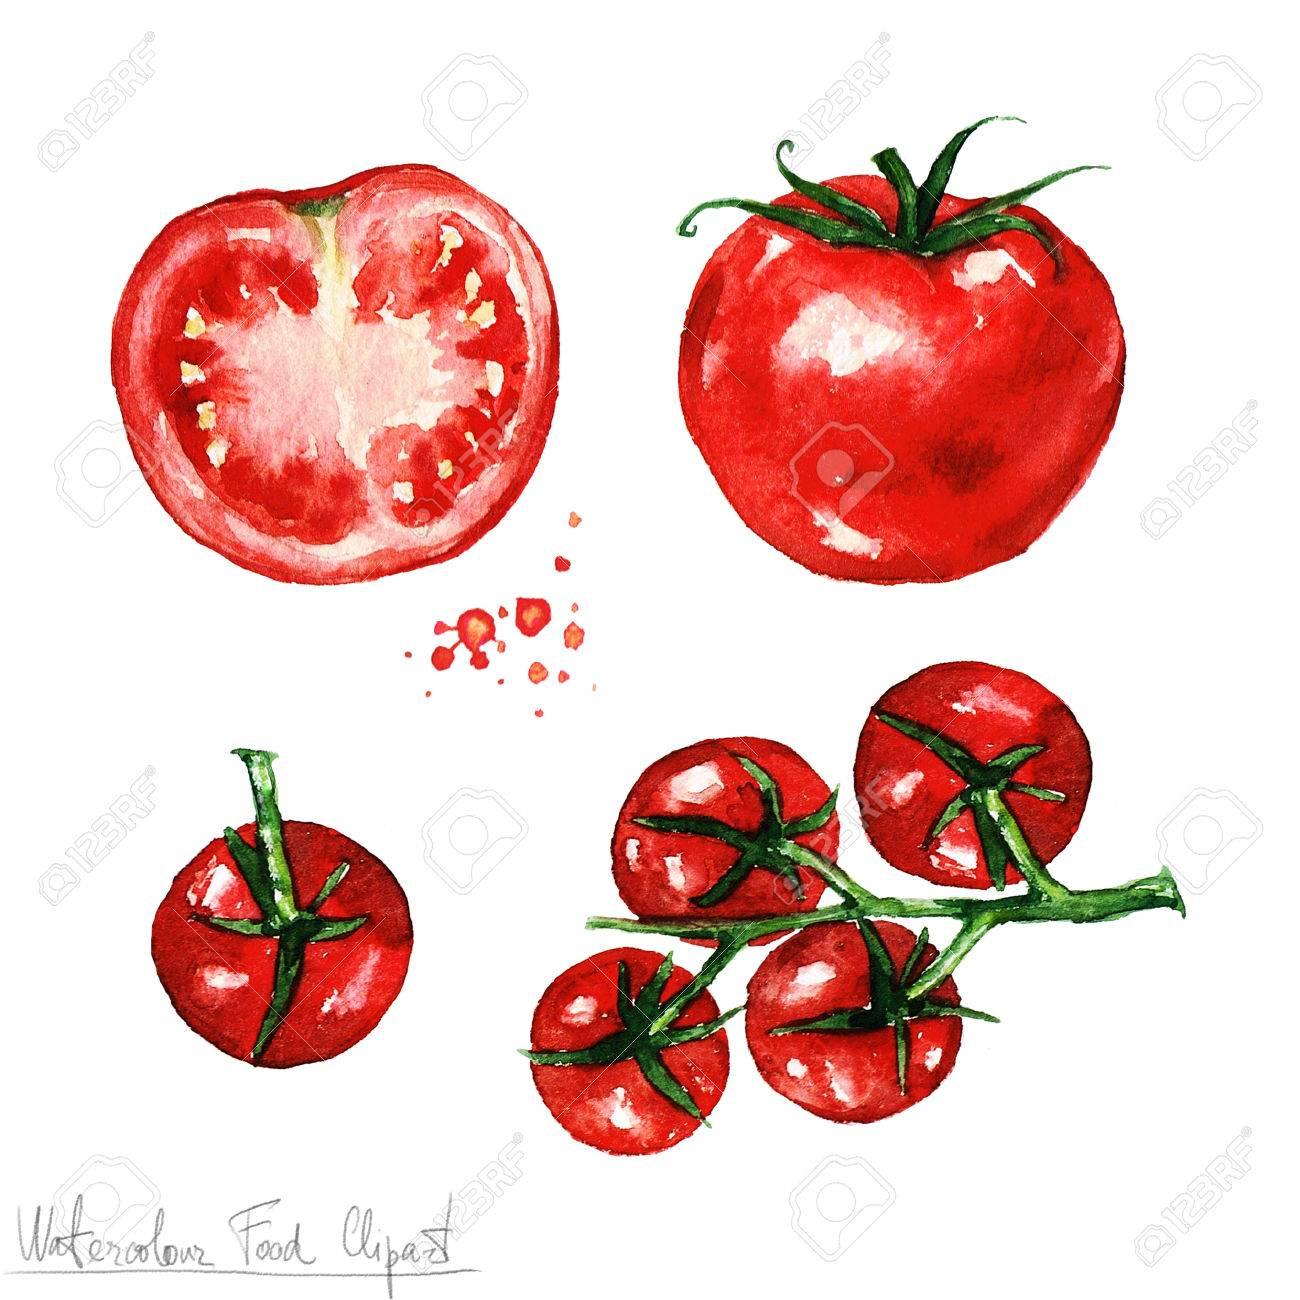 水彩食べ物クリップアート トマト の写真素材画像素材 Image 53245669